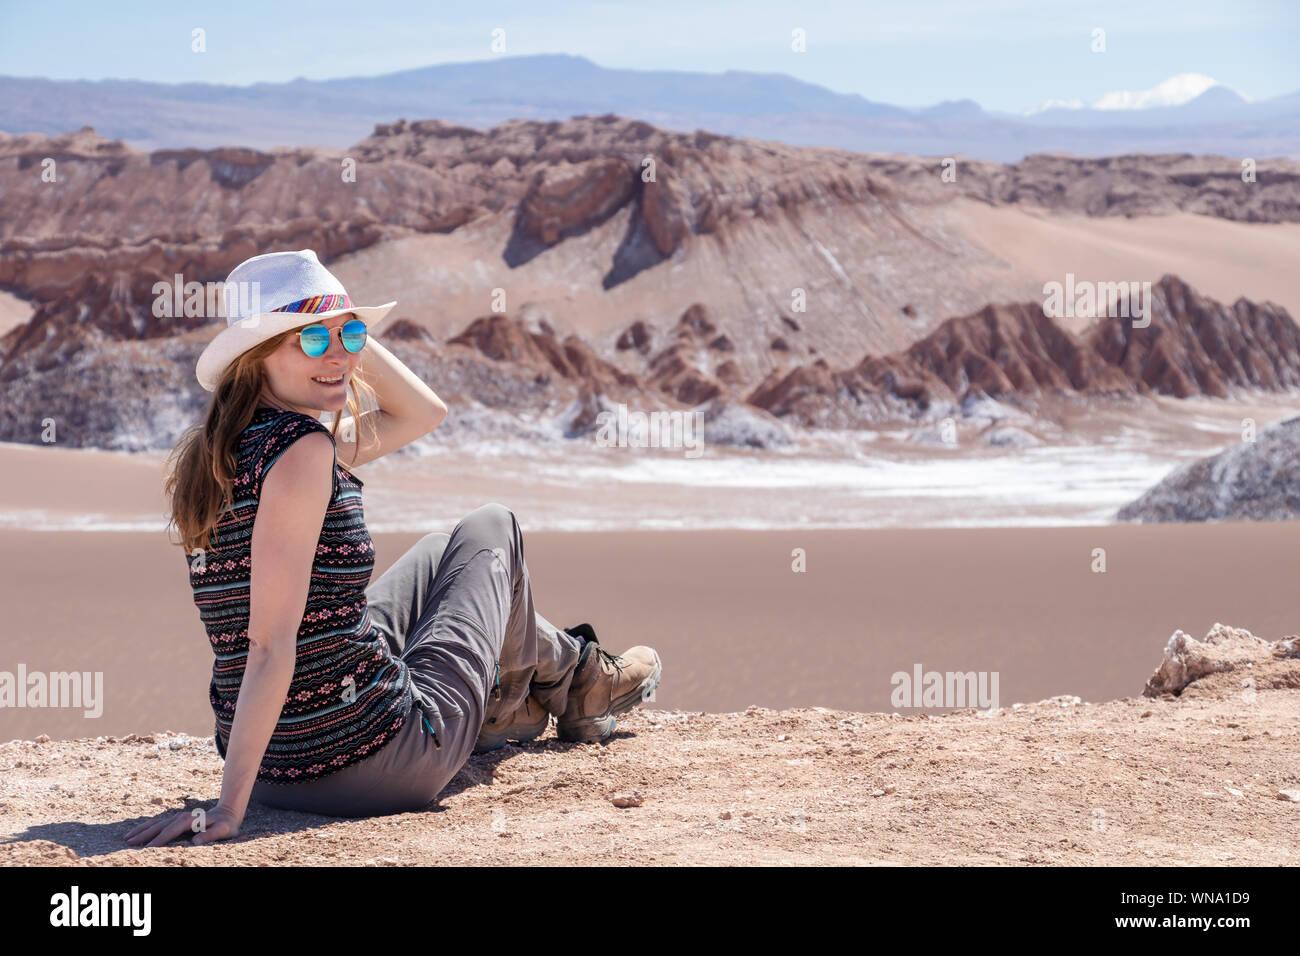 Les jeunes libre seul assis et admirer la nature intacte de la vallée de la Lune dans le désert d'Atacama, au Chili. Paysage remarquable avec l'arrière-plan Banque D'Images